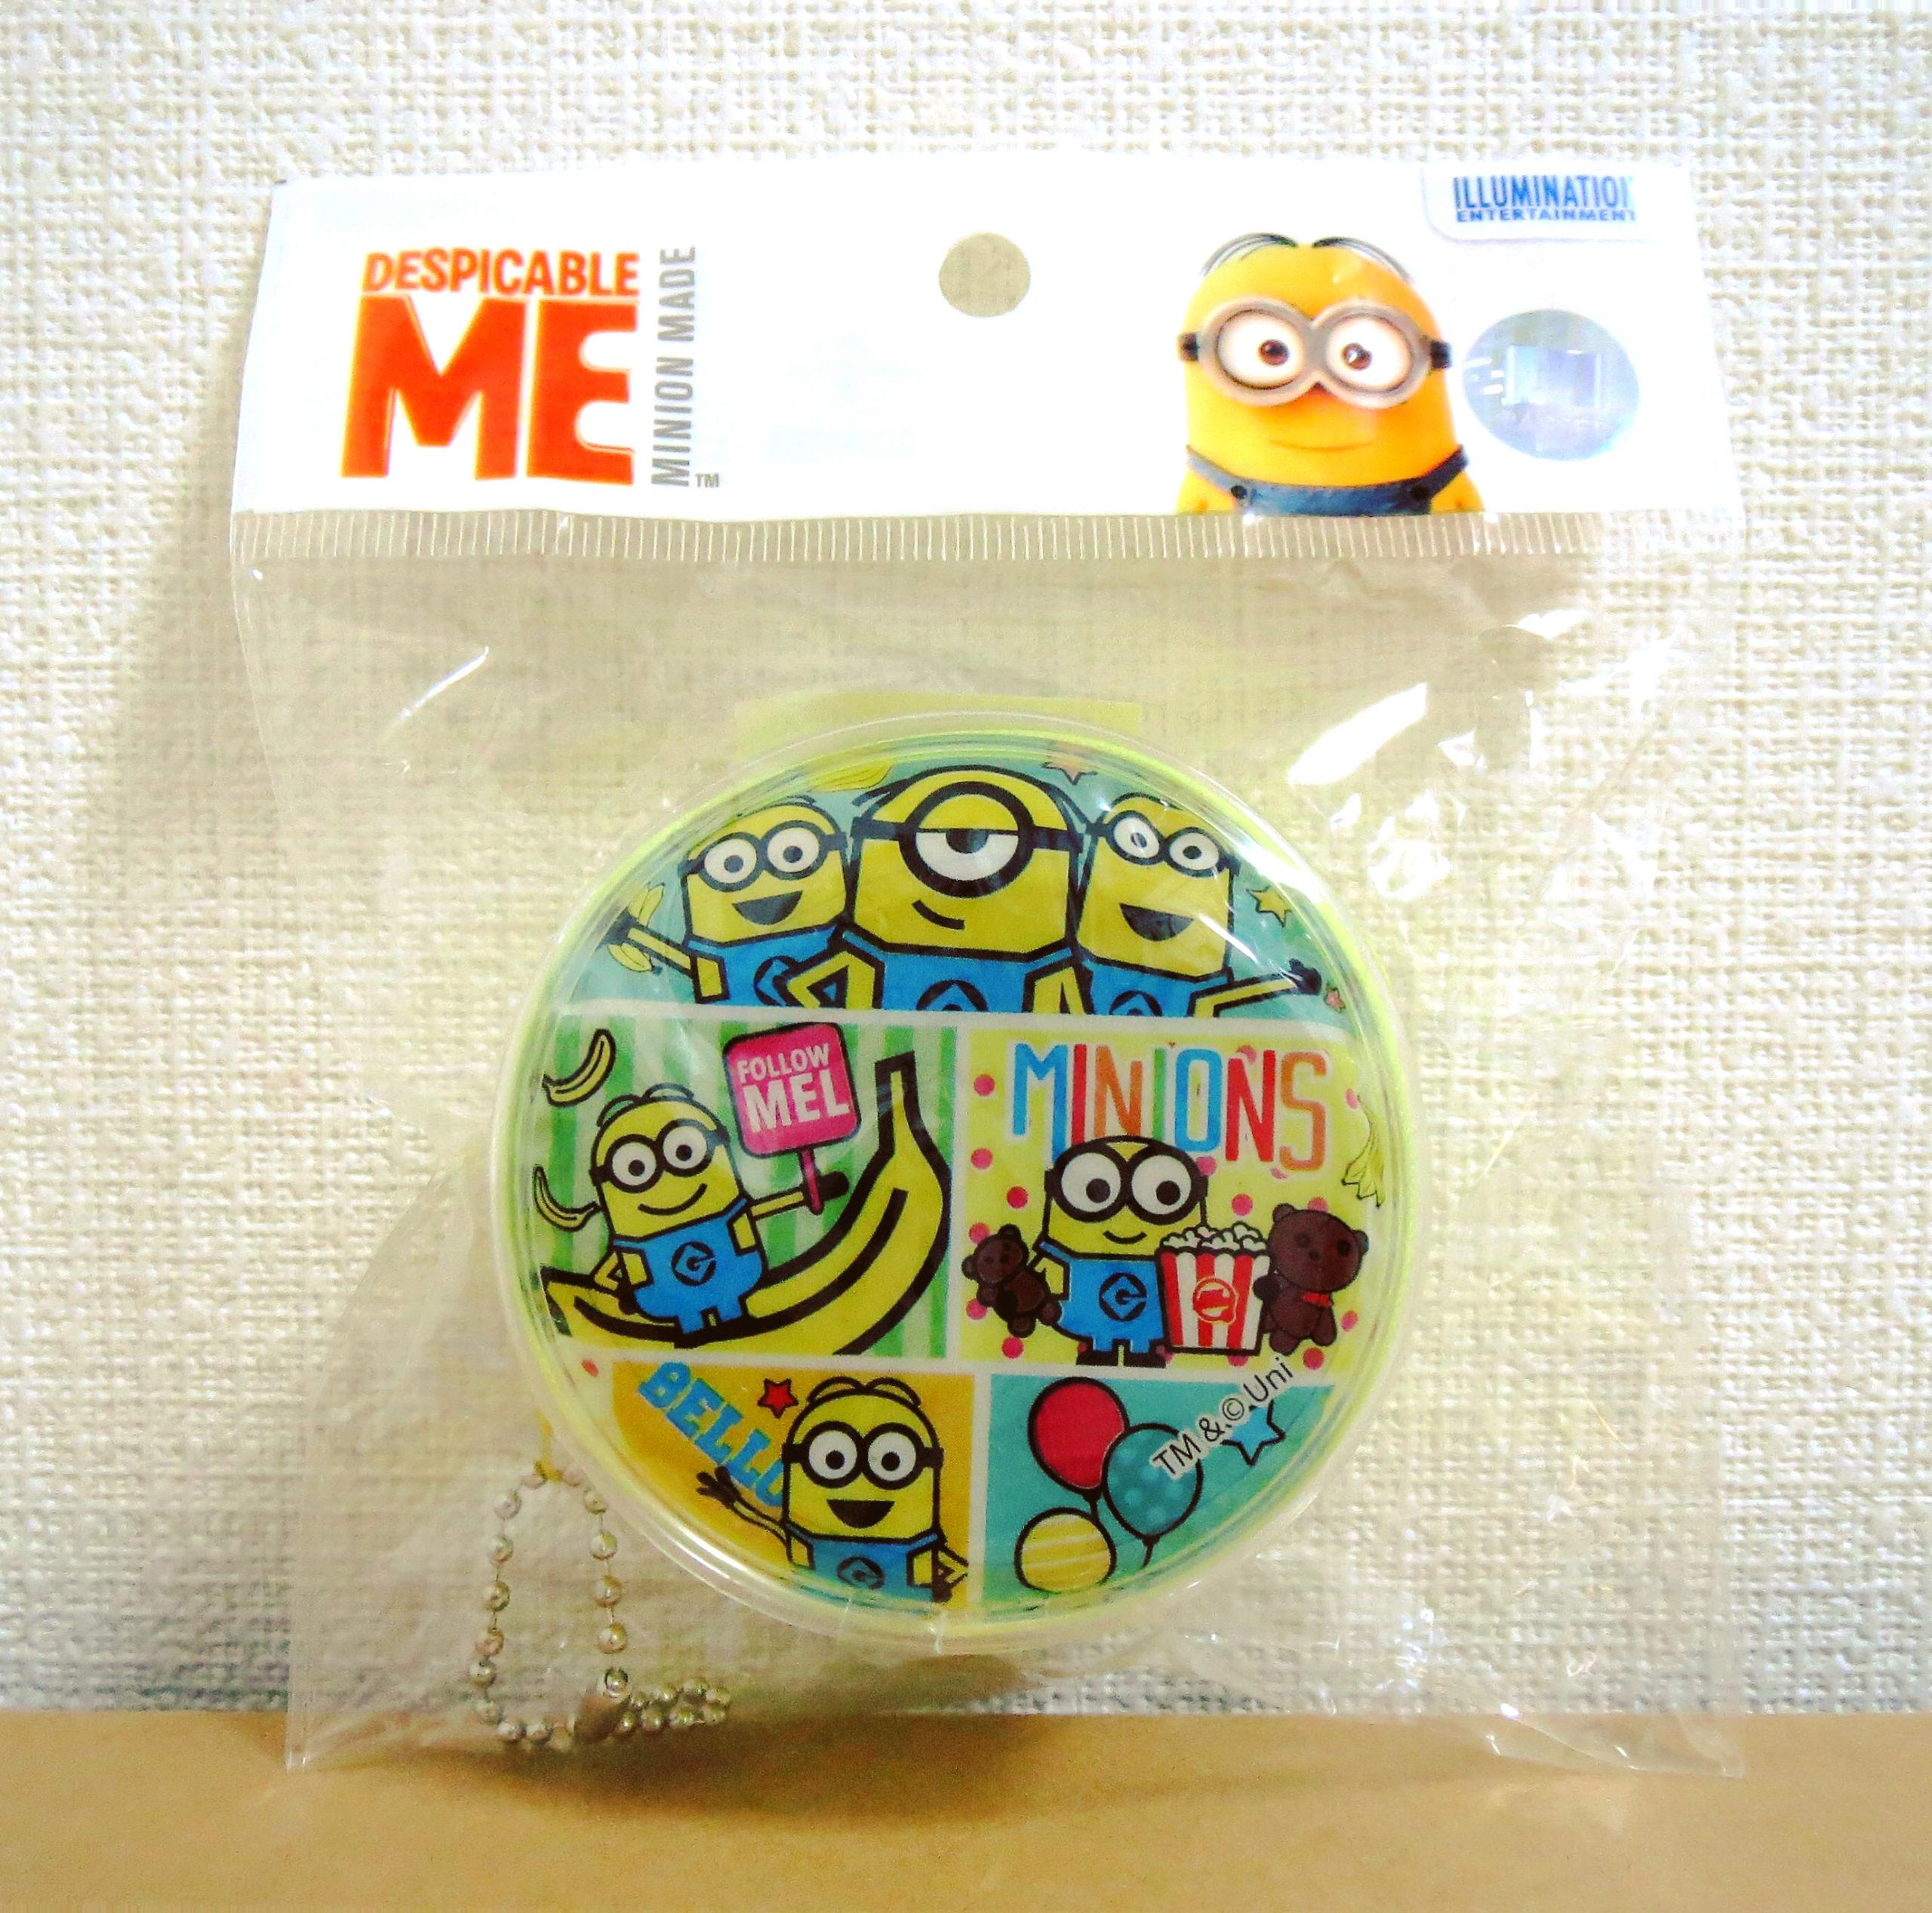 ミニオンズ丸型コインパース(ダイソー)